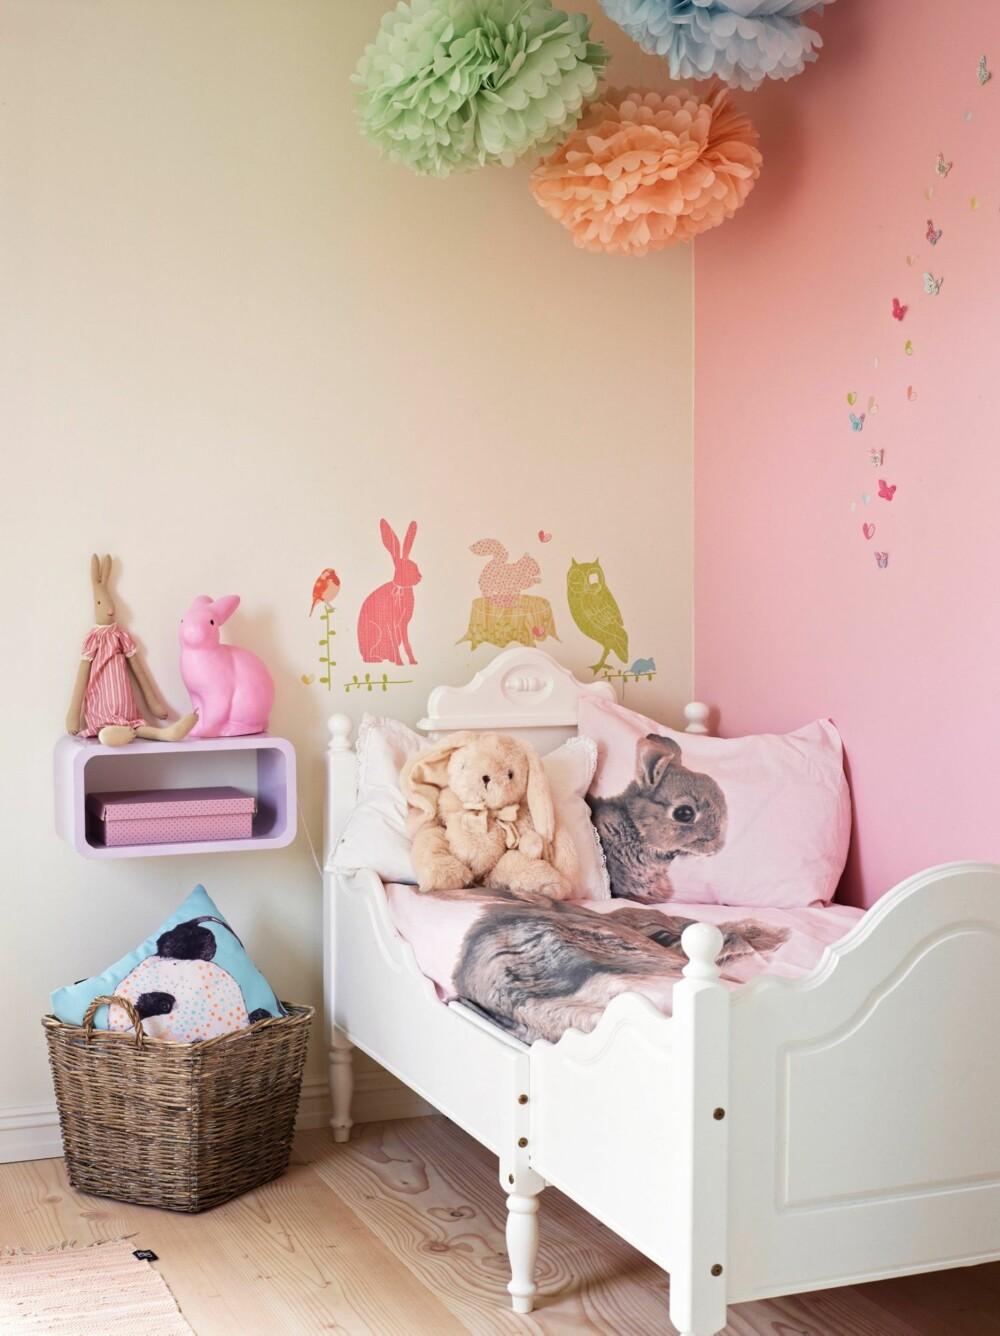 SØTT FOR DEN SØTE: Lille Auroras rom er malt i fargen Tryllestøv fra Jotun. Femåringen er godt fornøyd med kaninlampen fra Sprell. De pastellfargede pompongene i taket er av silkepapir og fås kjøpt på congratulations.no. Sommerfuglsjablongene har Carina laget selv. Auroras sengetøy er fra H&M home, og hyllen er fra To i spann.